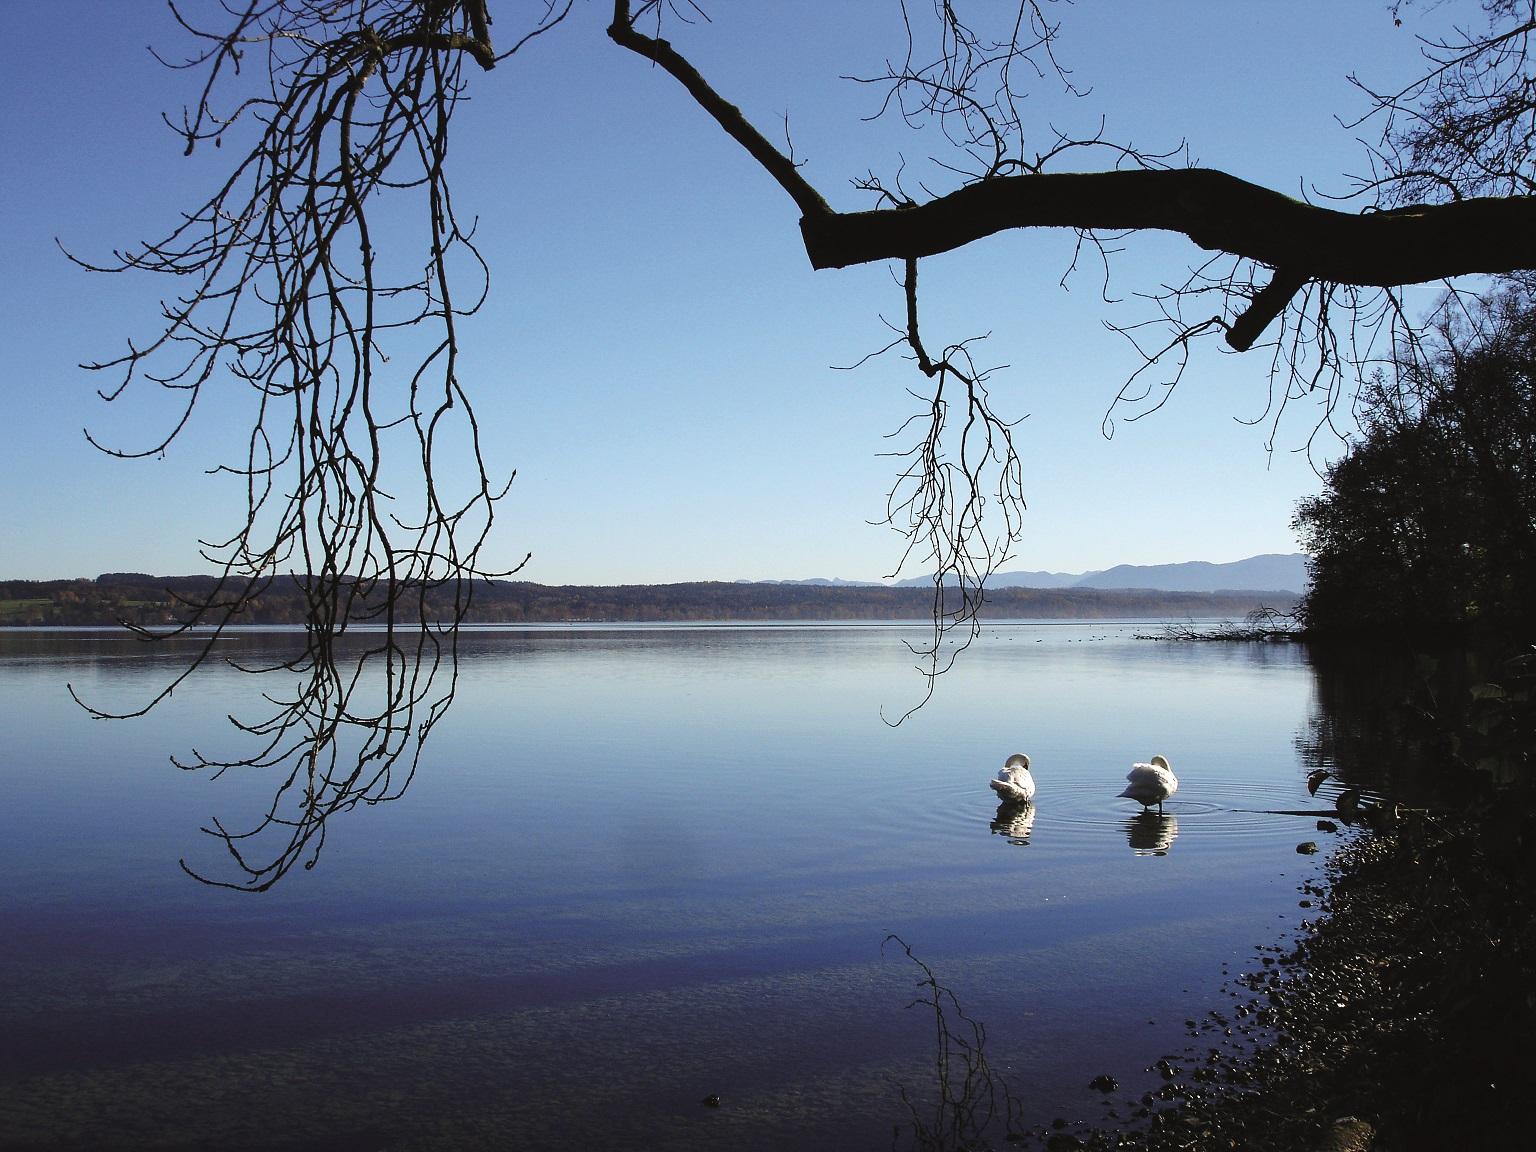 Der Starnberger See in Bernried, mit Schwänen